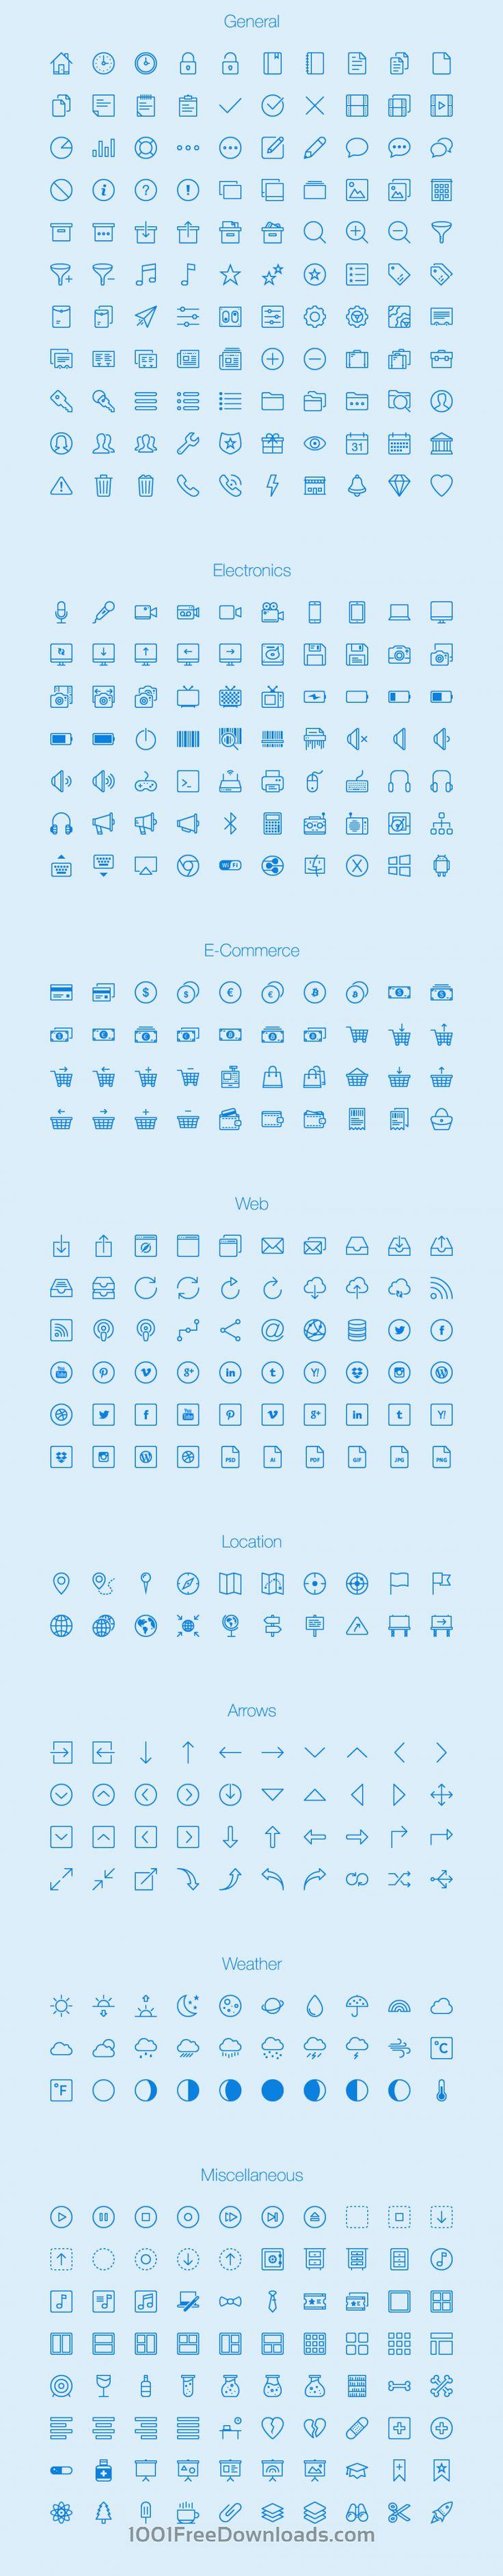 Free Vectors: Lynny Icons - Full | Ai, Eps, Png | (2.9 MB) | 1001freedownloads.com